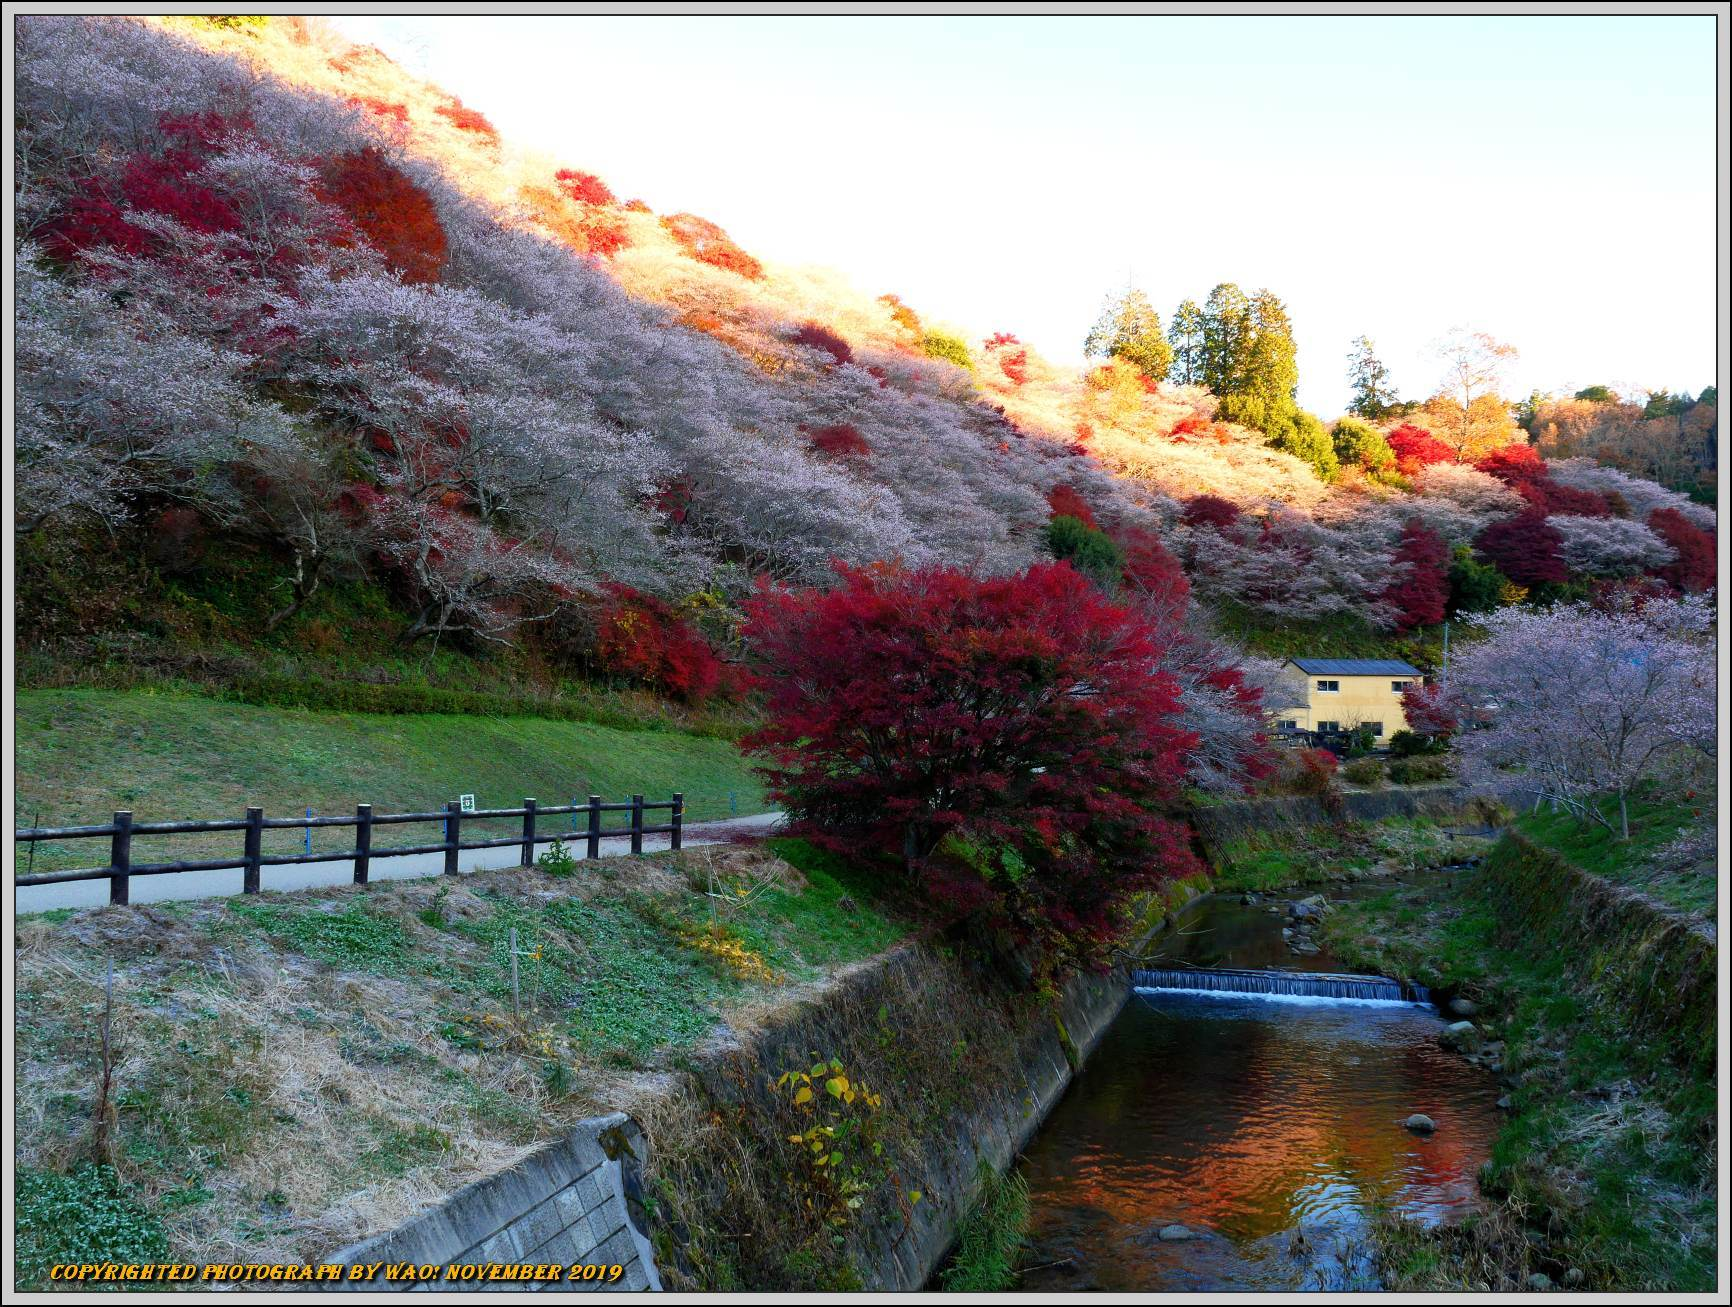 四季桜とモミジのコラボレーション-1_c0198669_15553756.jpg